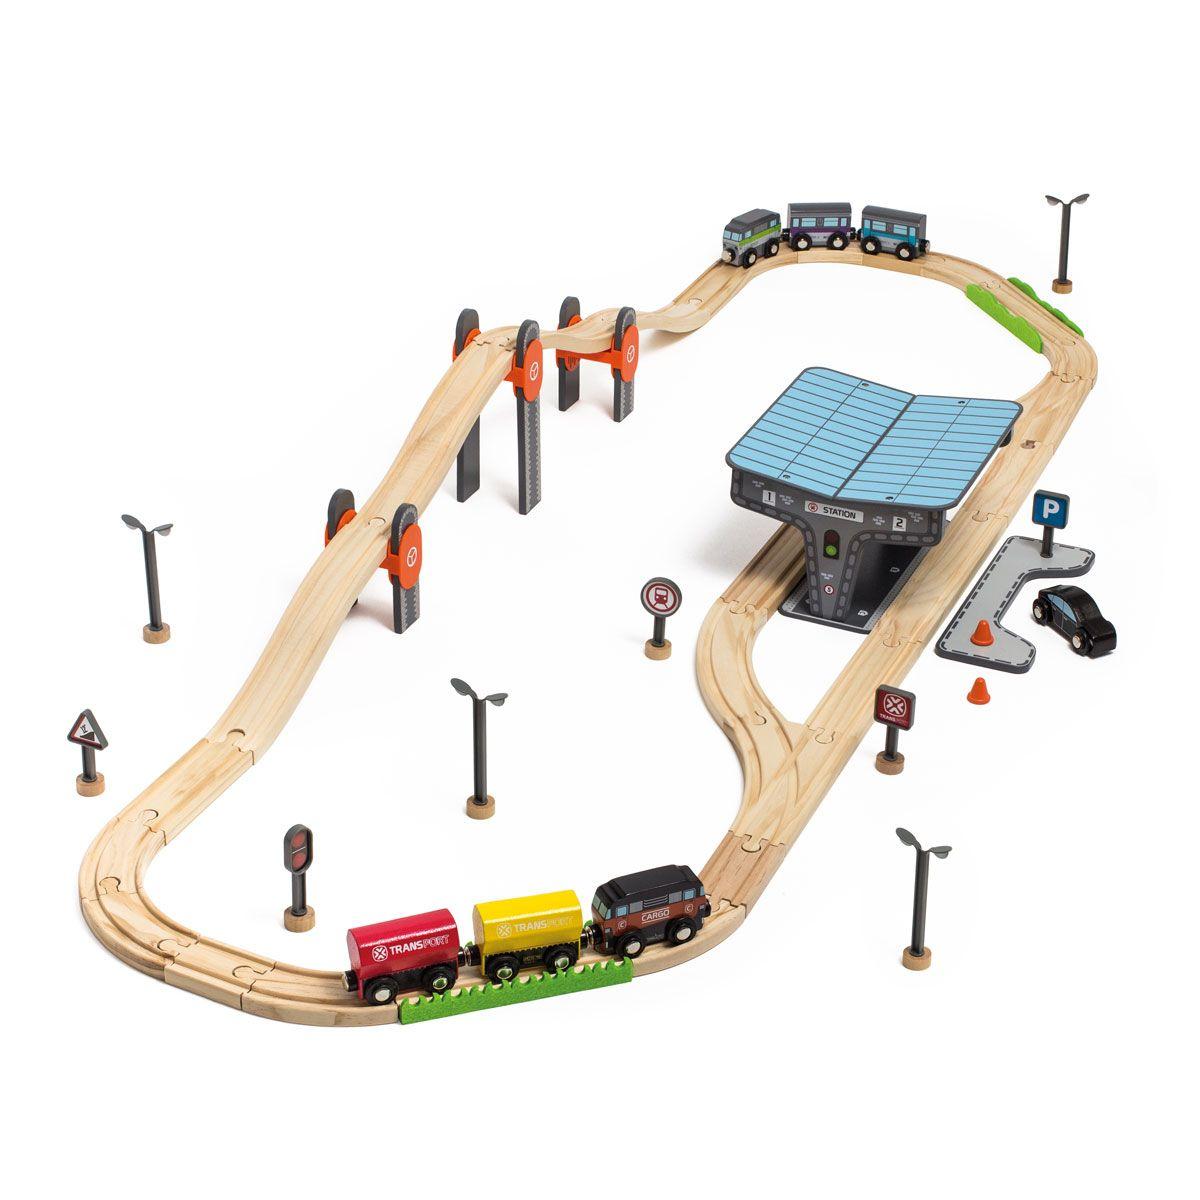 Circuit de train en bois 70 pièces Imagibul création Oxybul